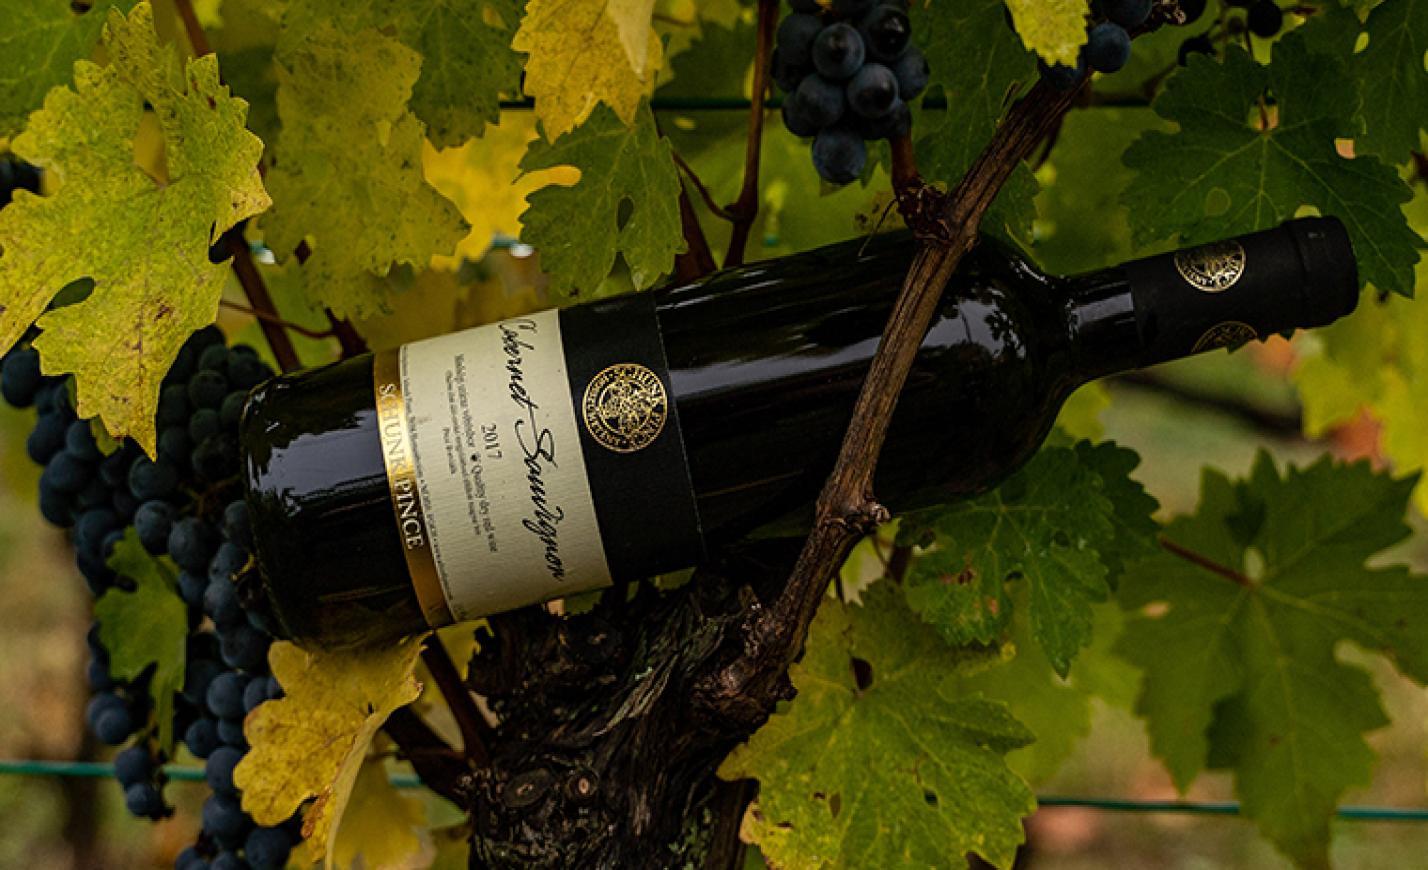 Minden napra egy bor: Schunk Pince Cabernet Sauvignon 2017